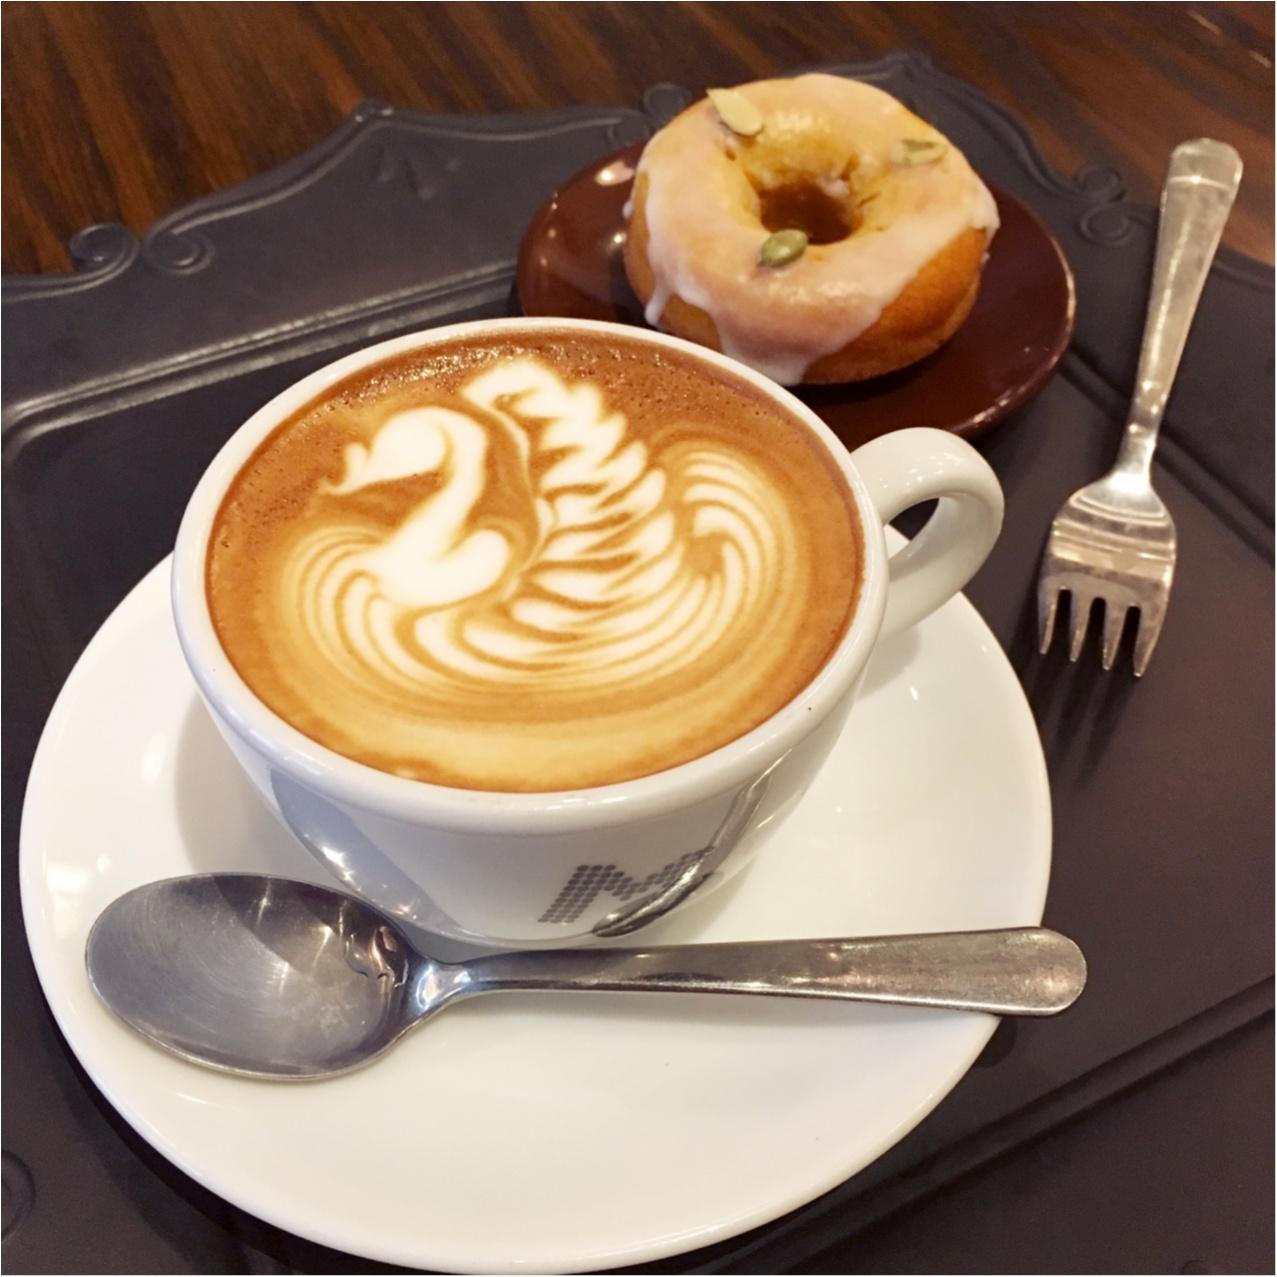 【大阪】 美しいラテアートに心ときめく♡♡フォトジェニックなコーヒーはいかが?_4